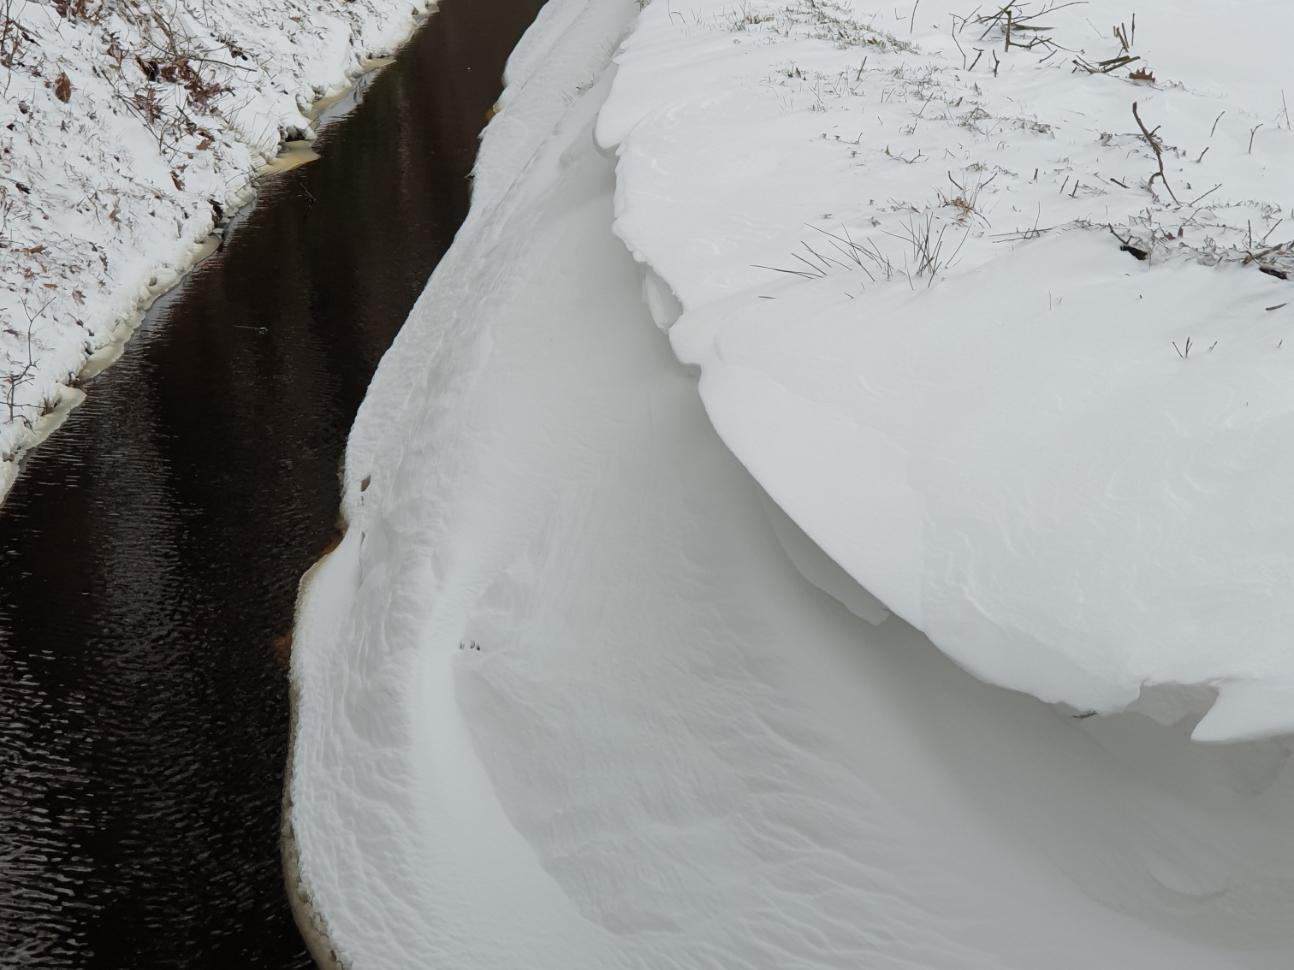 sloot-sneeuw2